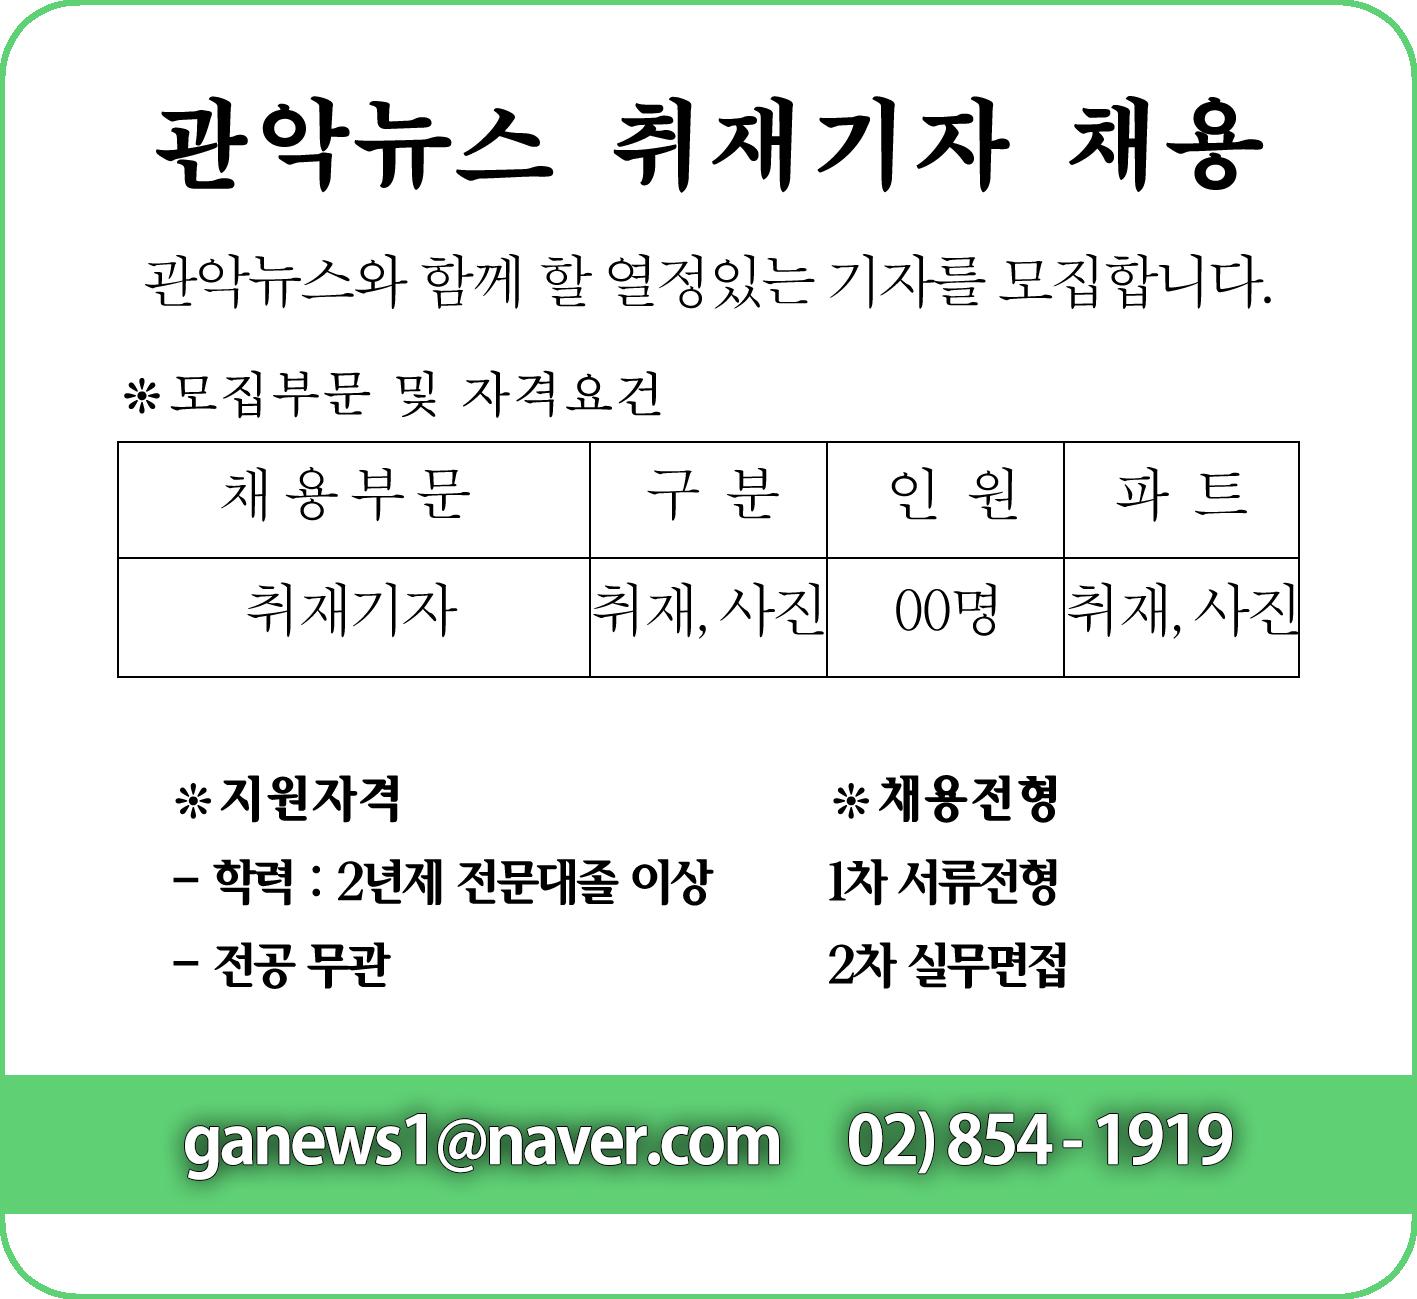 관악뉴스 취재기자 채용